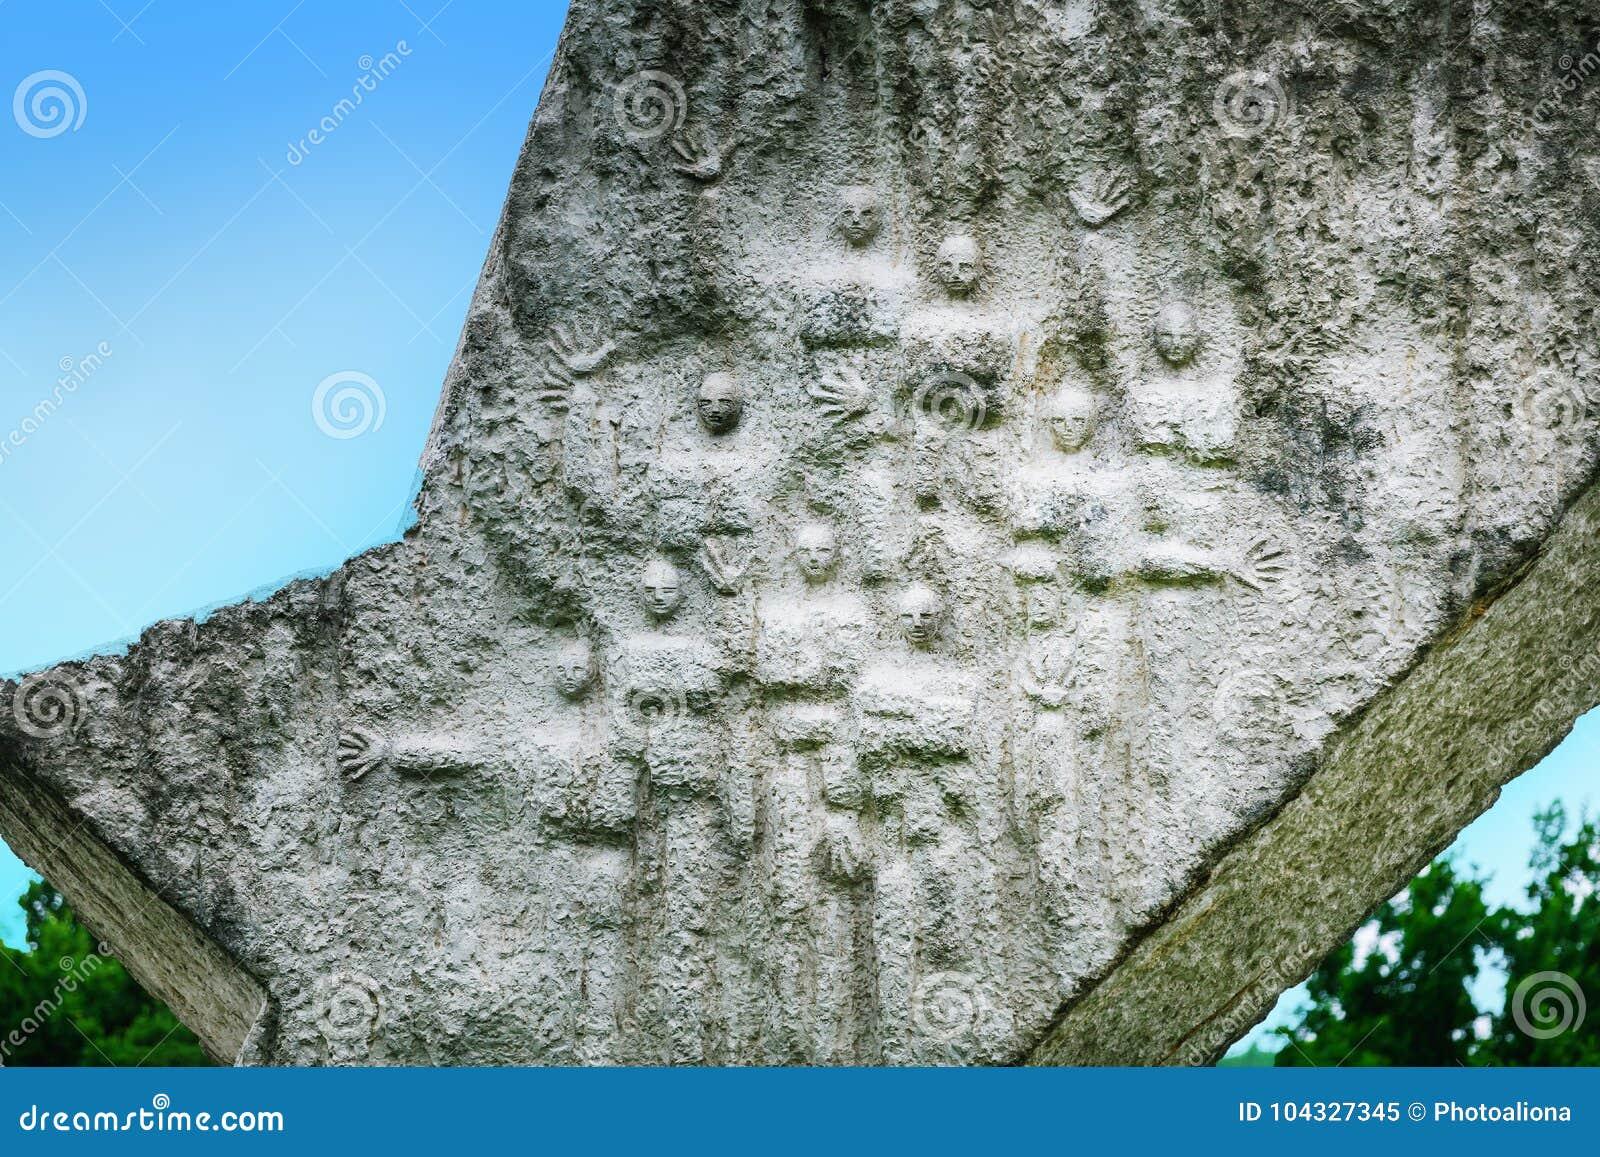 Η λεπτομέρεια του σπασμένου φτερού διέκοψε το μνημείο πτήσης στο αναμνηστικό πάρκο Sumarice κοντά σε Kragujevac στη Σερβία